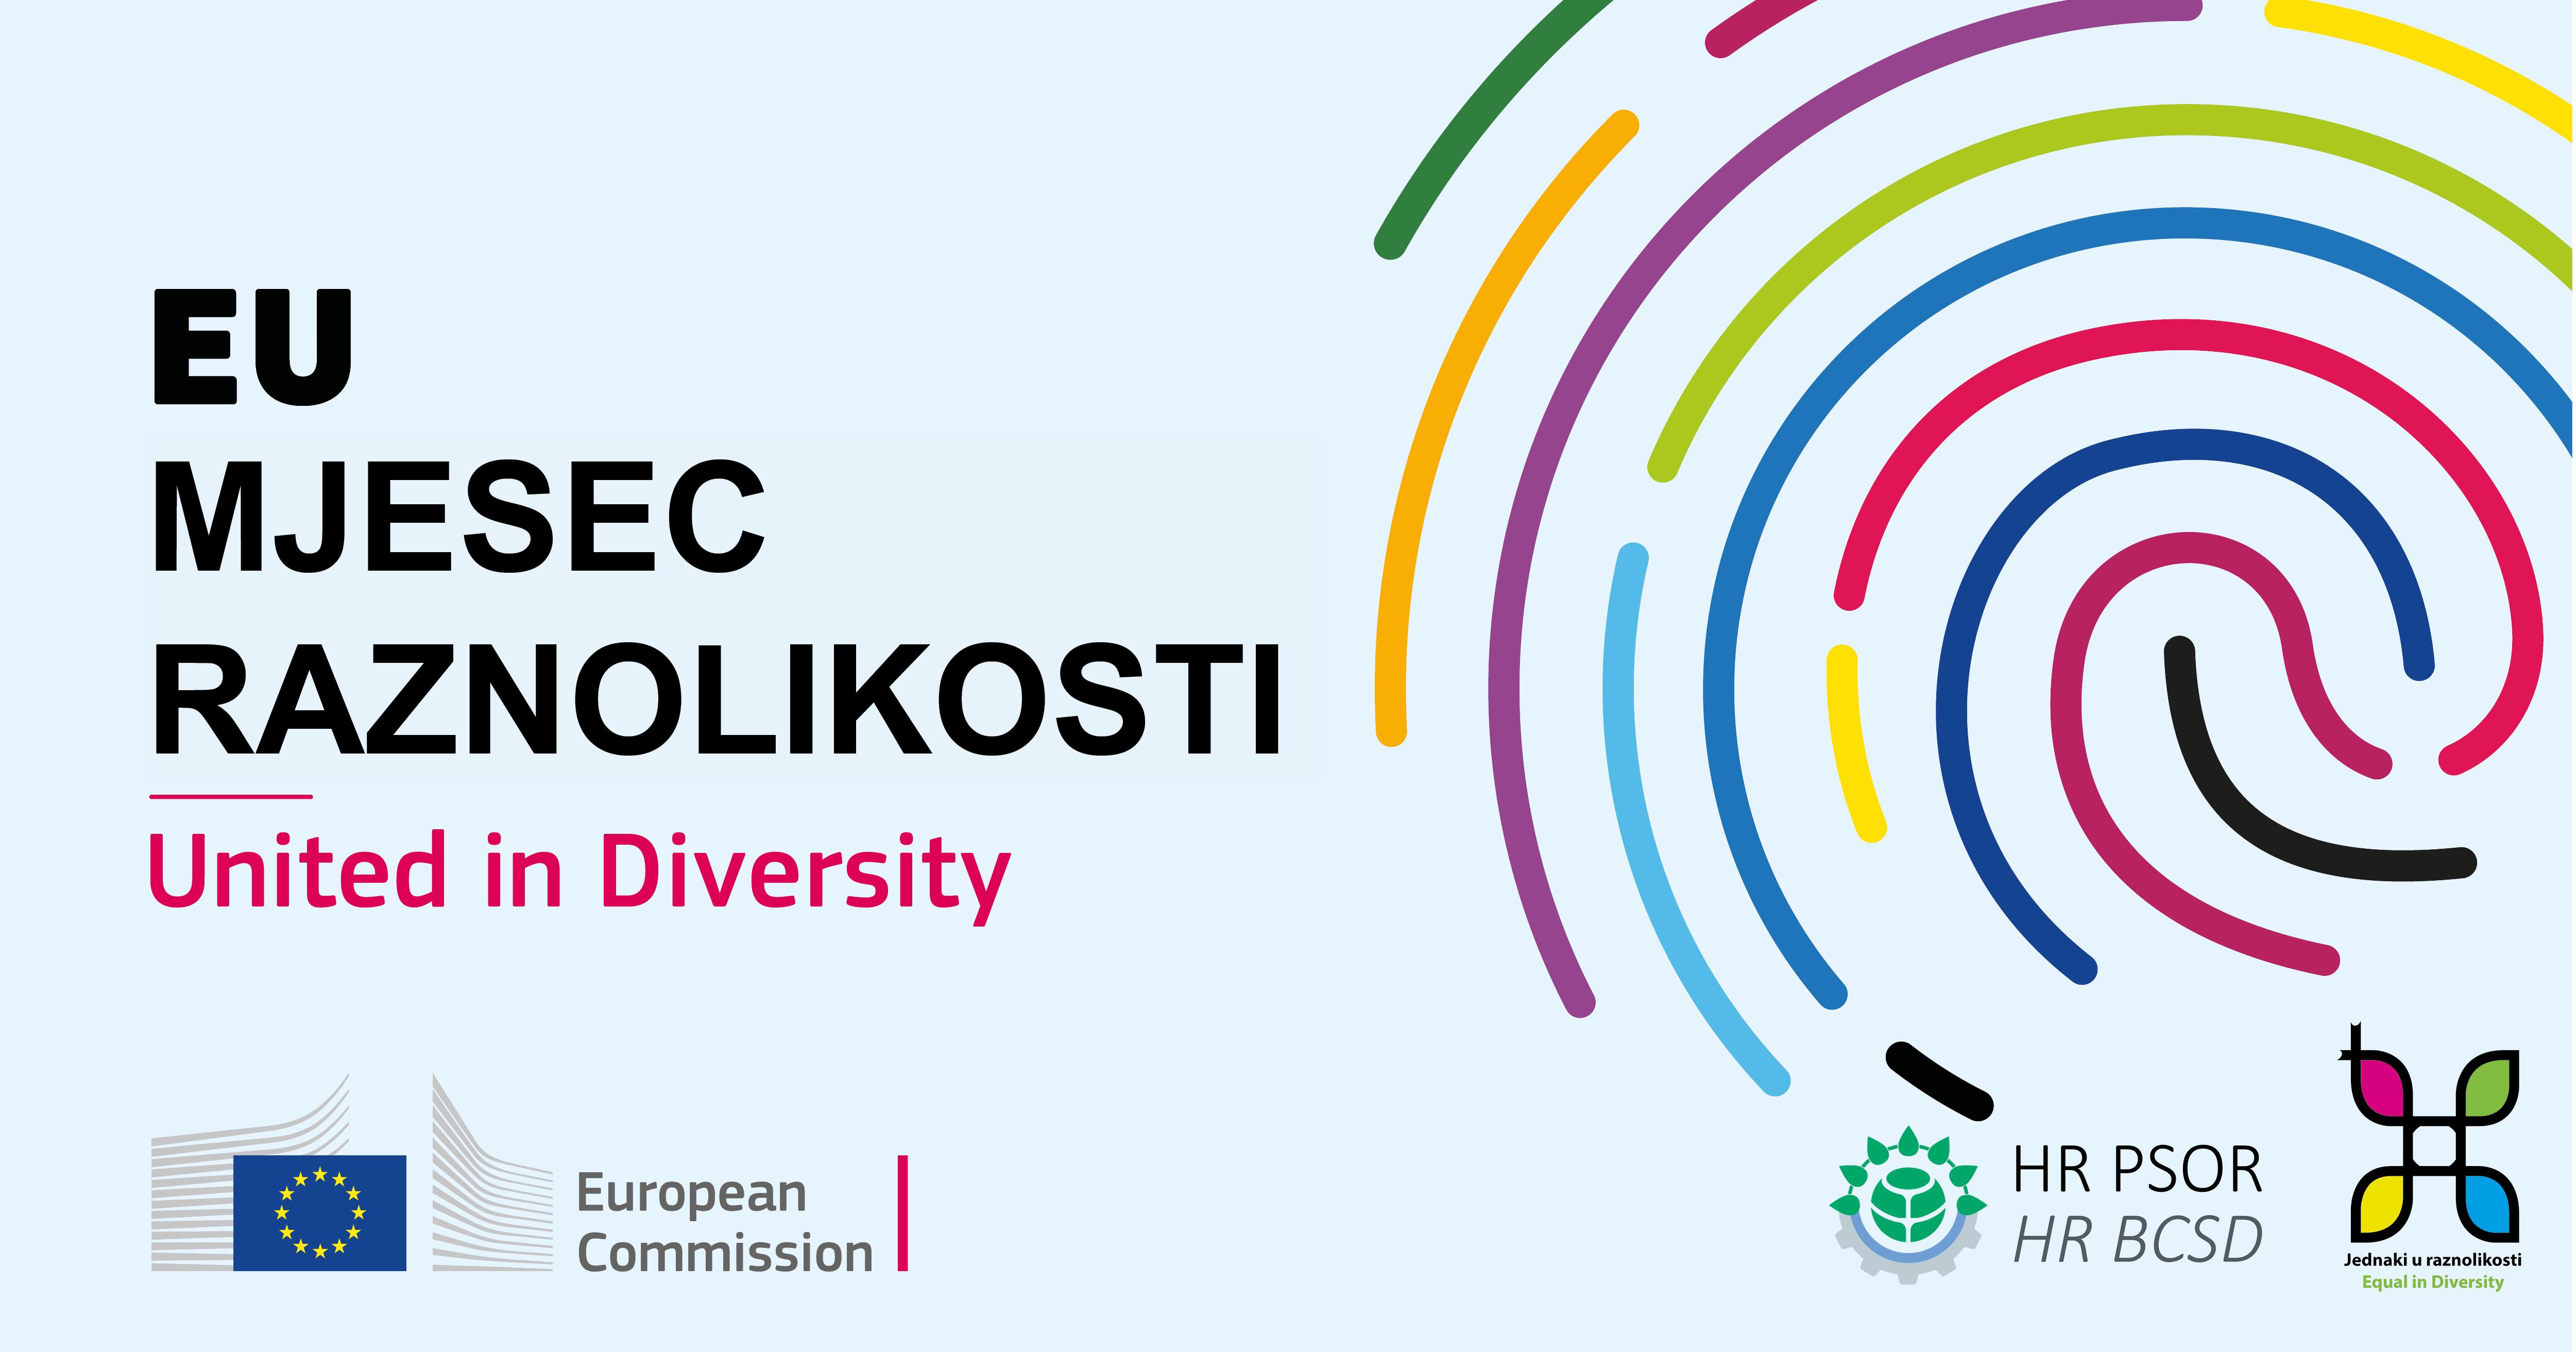 Svibanj, 2021. - Europski mjesec raznolikosti 1 - hrpsor Hrvatski poslovni savjet za održivi razvoj